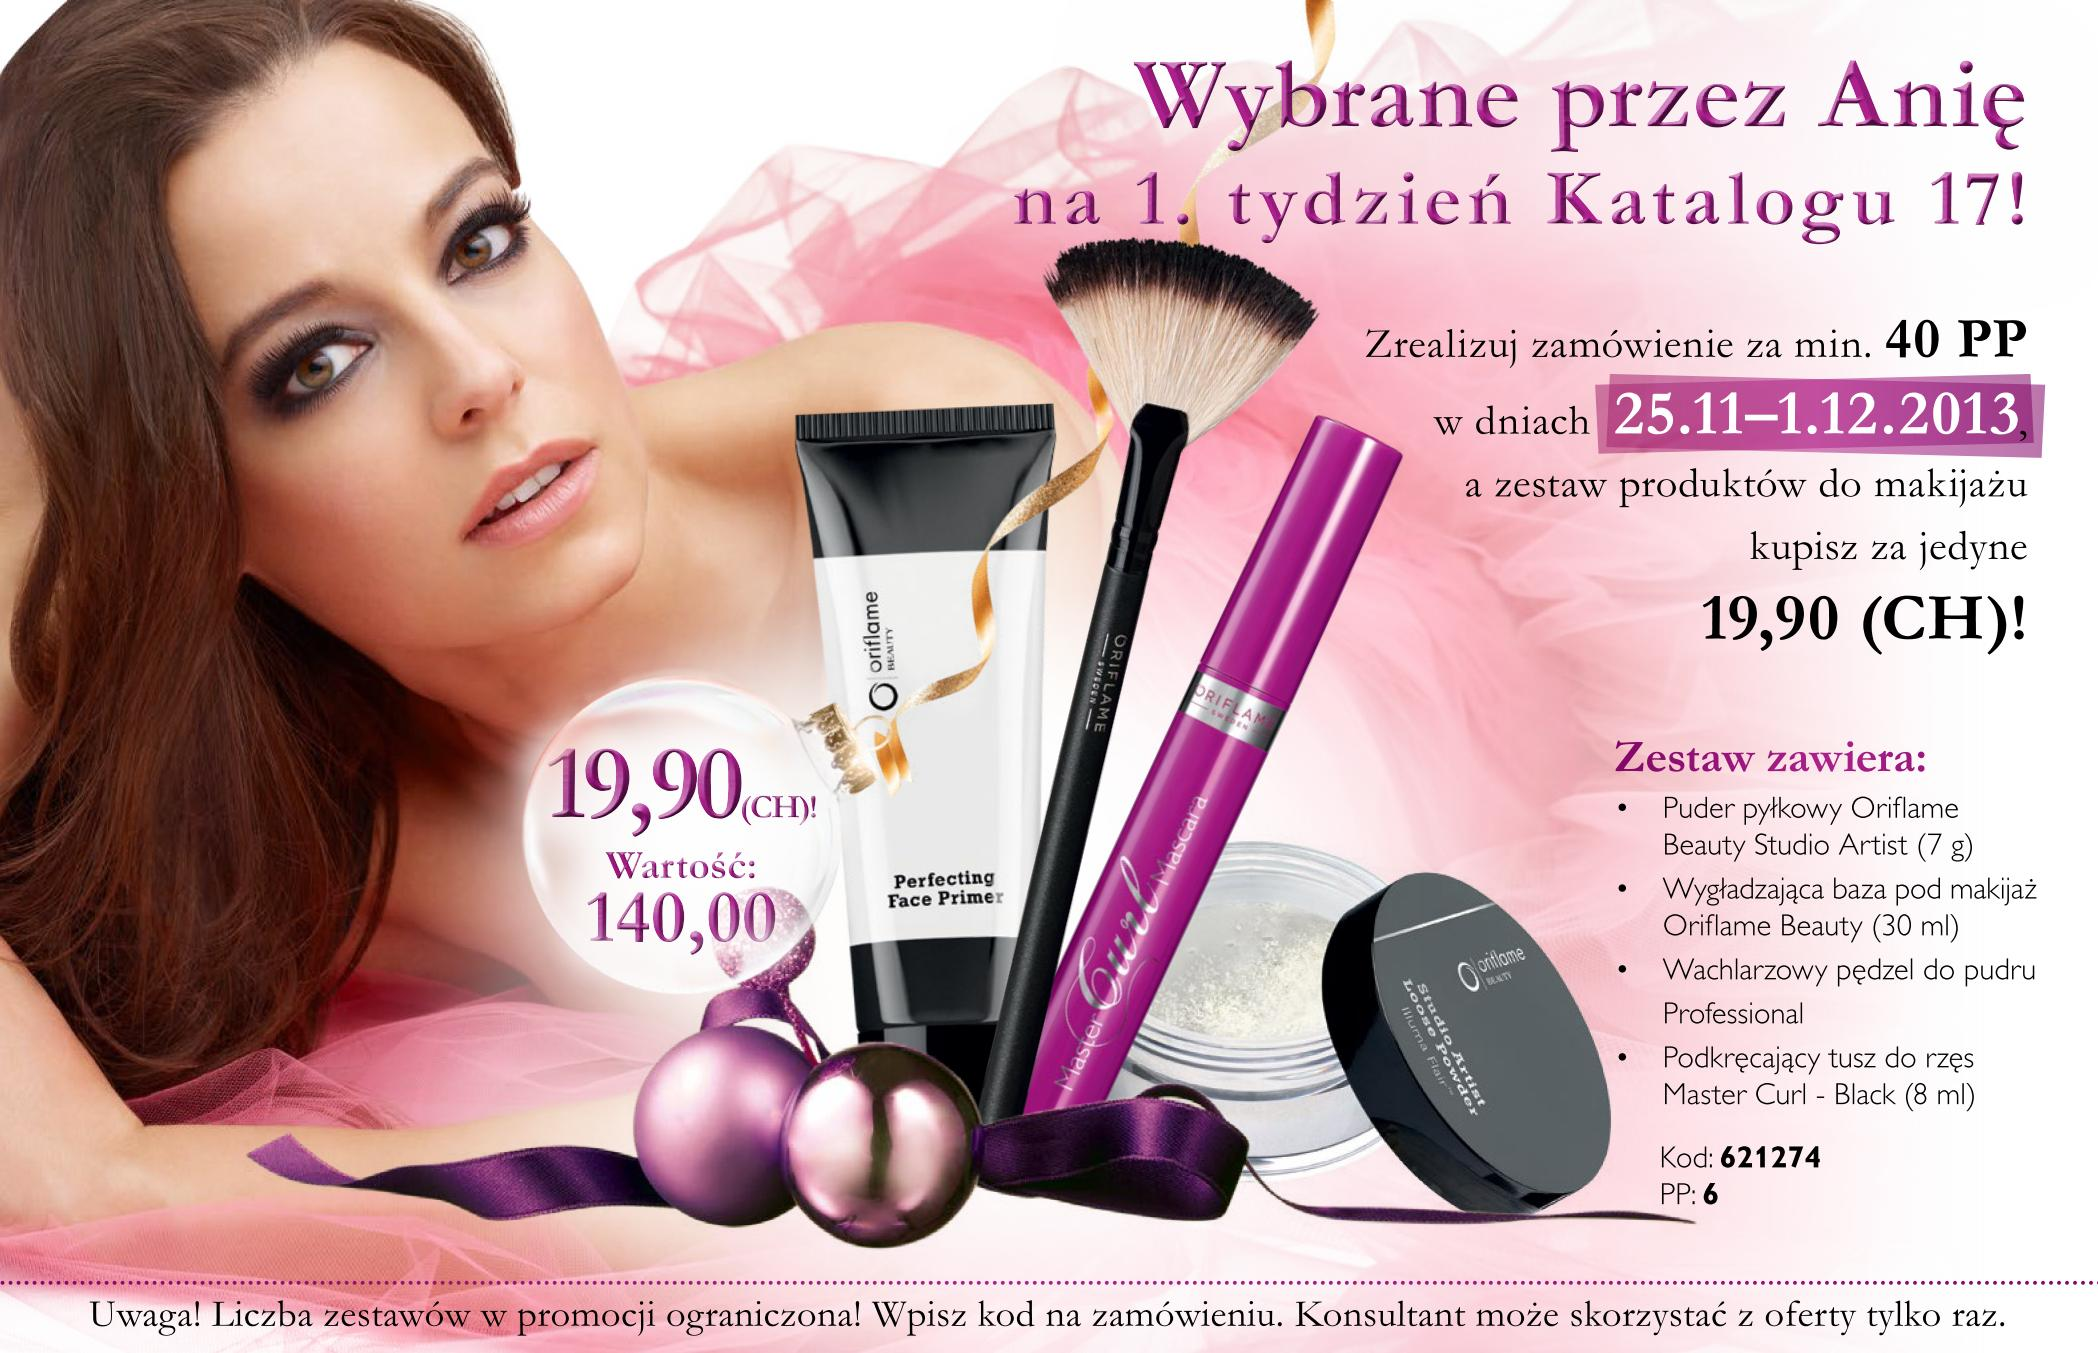 Katalog Oriflame 17 2013 oferta na 1 tydzień